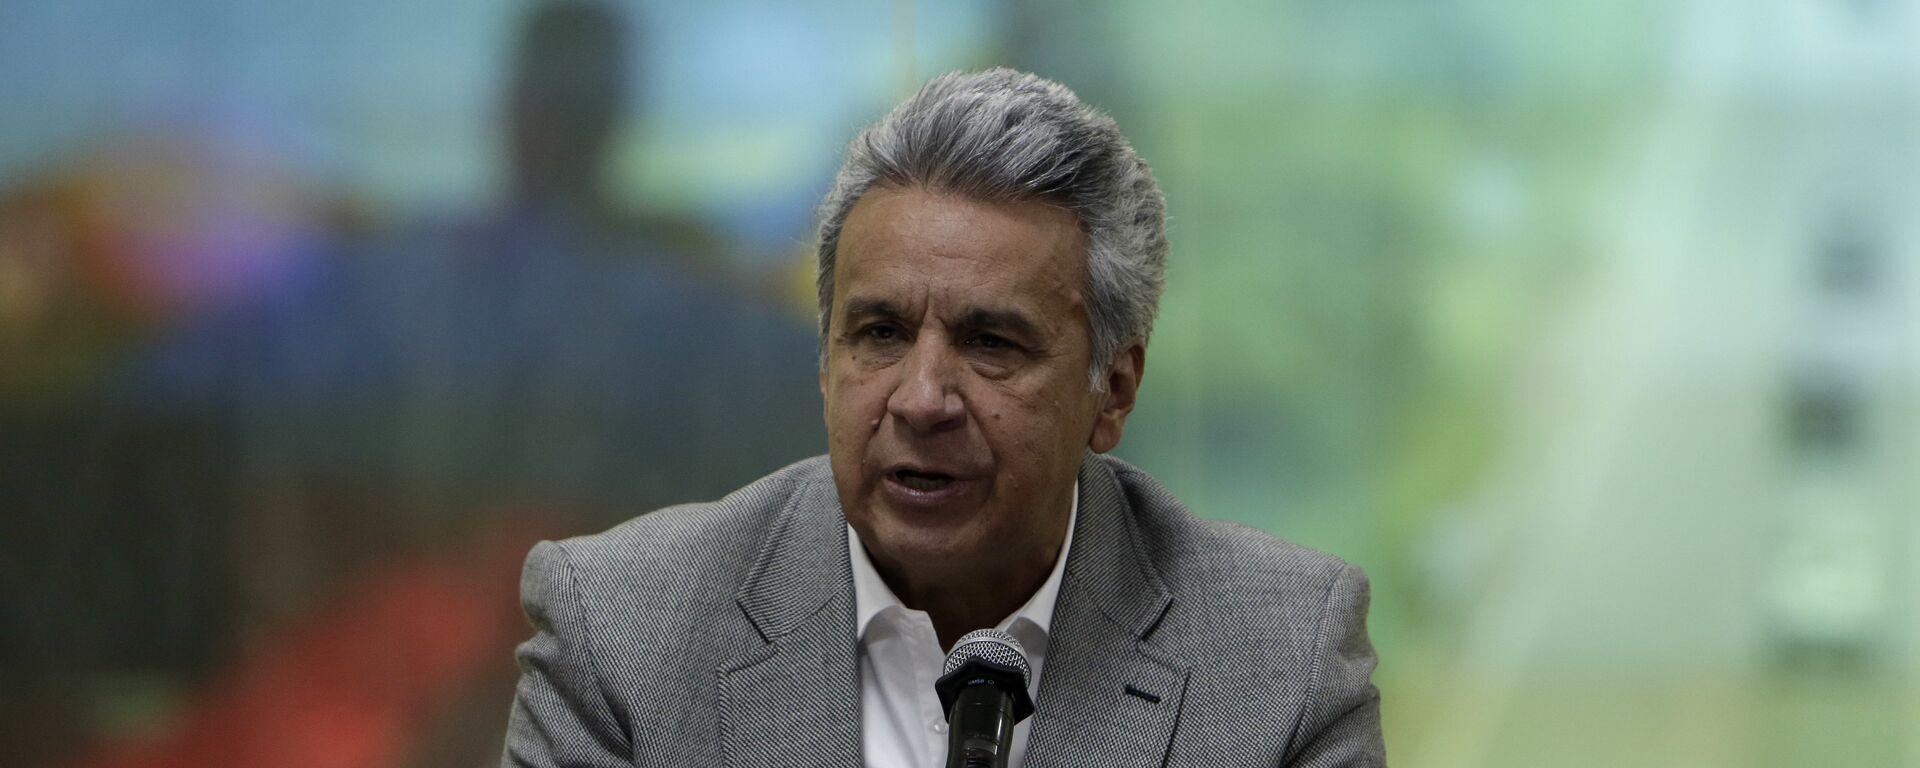 Lenín Moreno, presidente de Ecuador - Sputnik Mundo, 1920, 13.05.2021